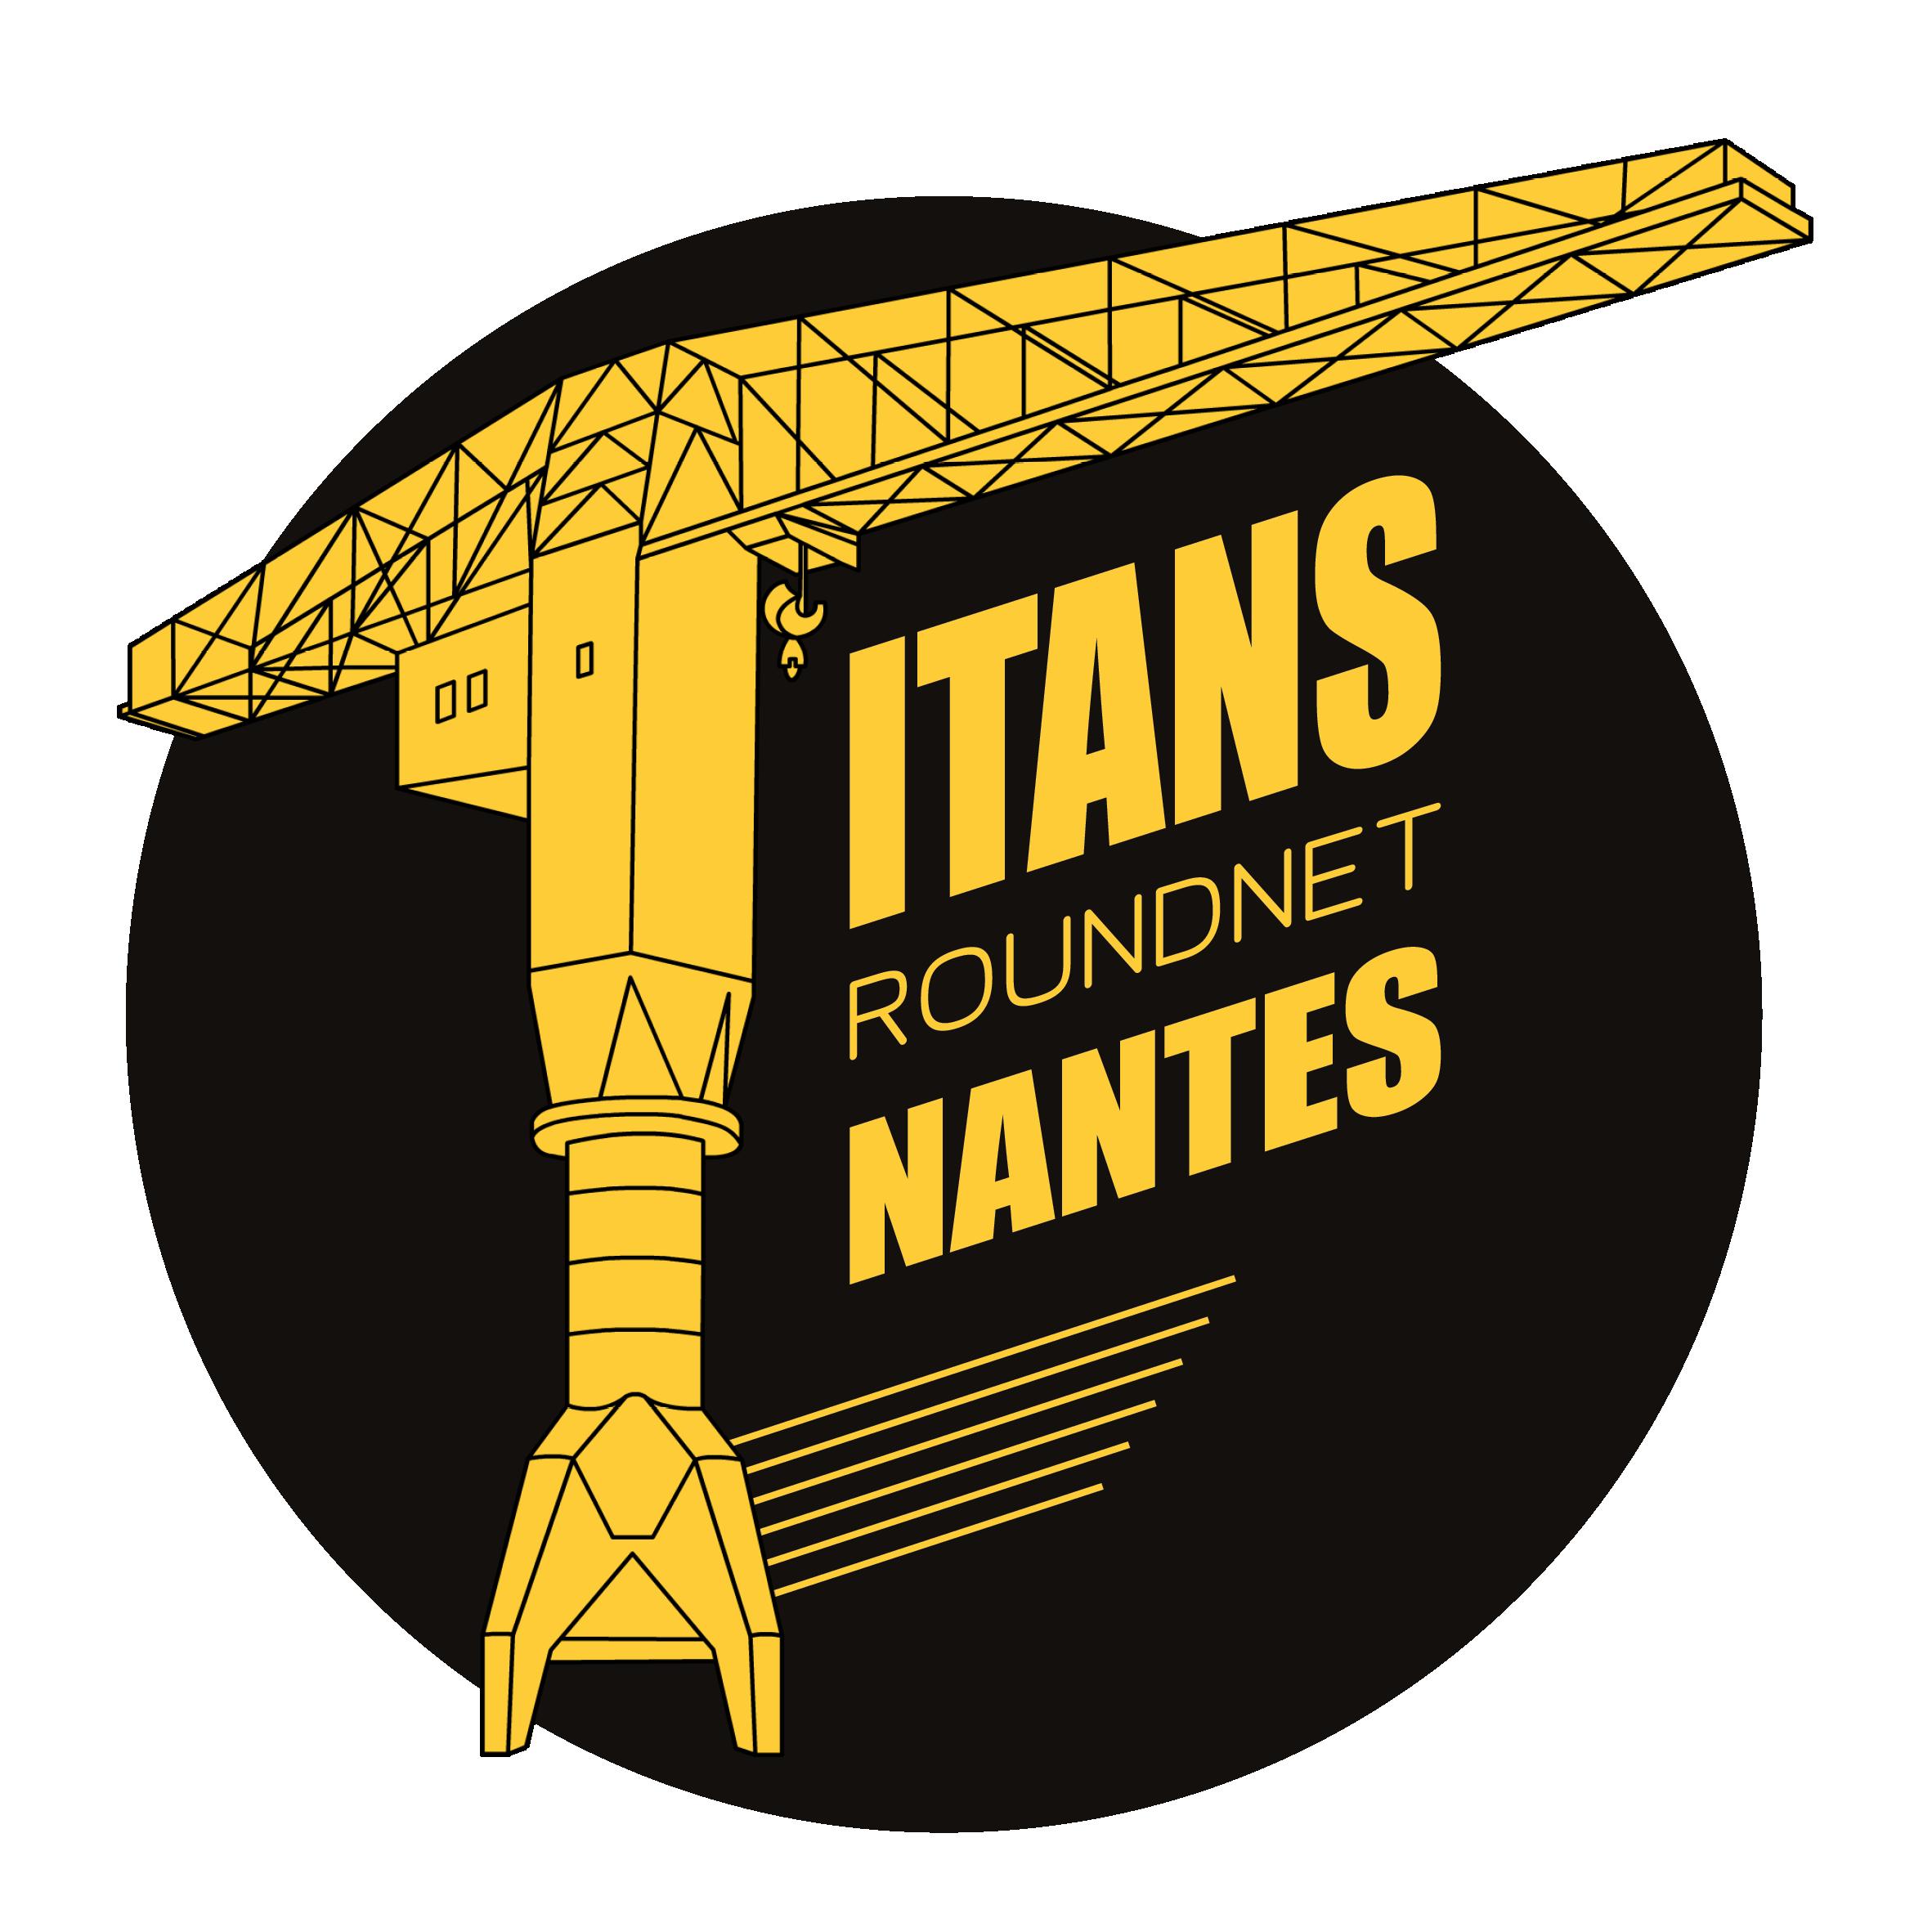 Logo Titans Roundnet